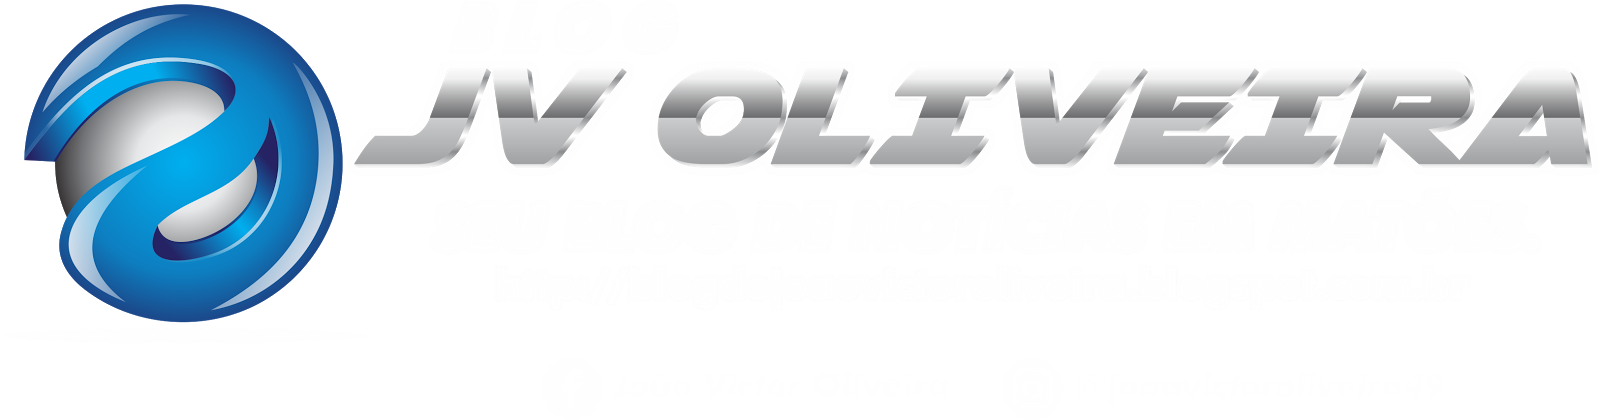 Blog João Victor Oliveira